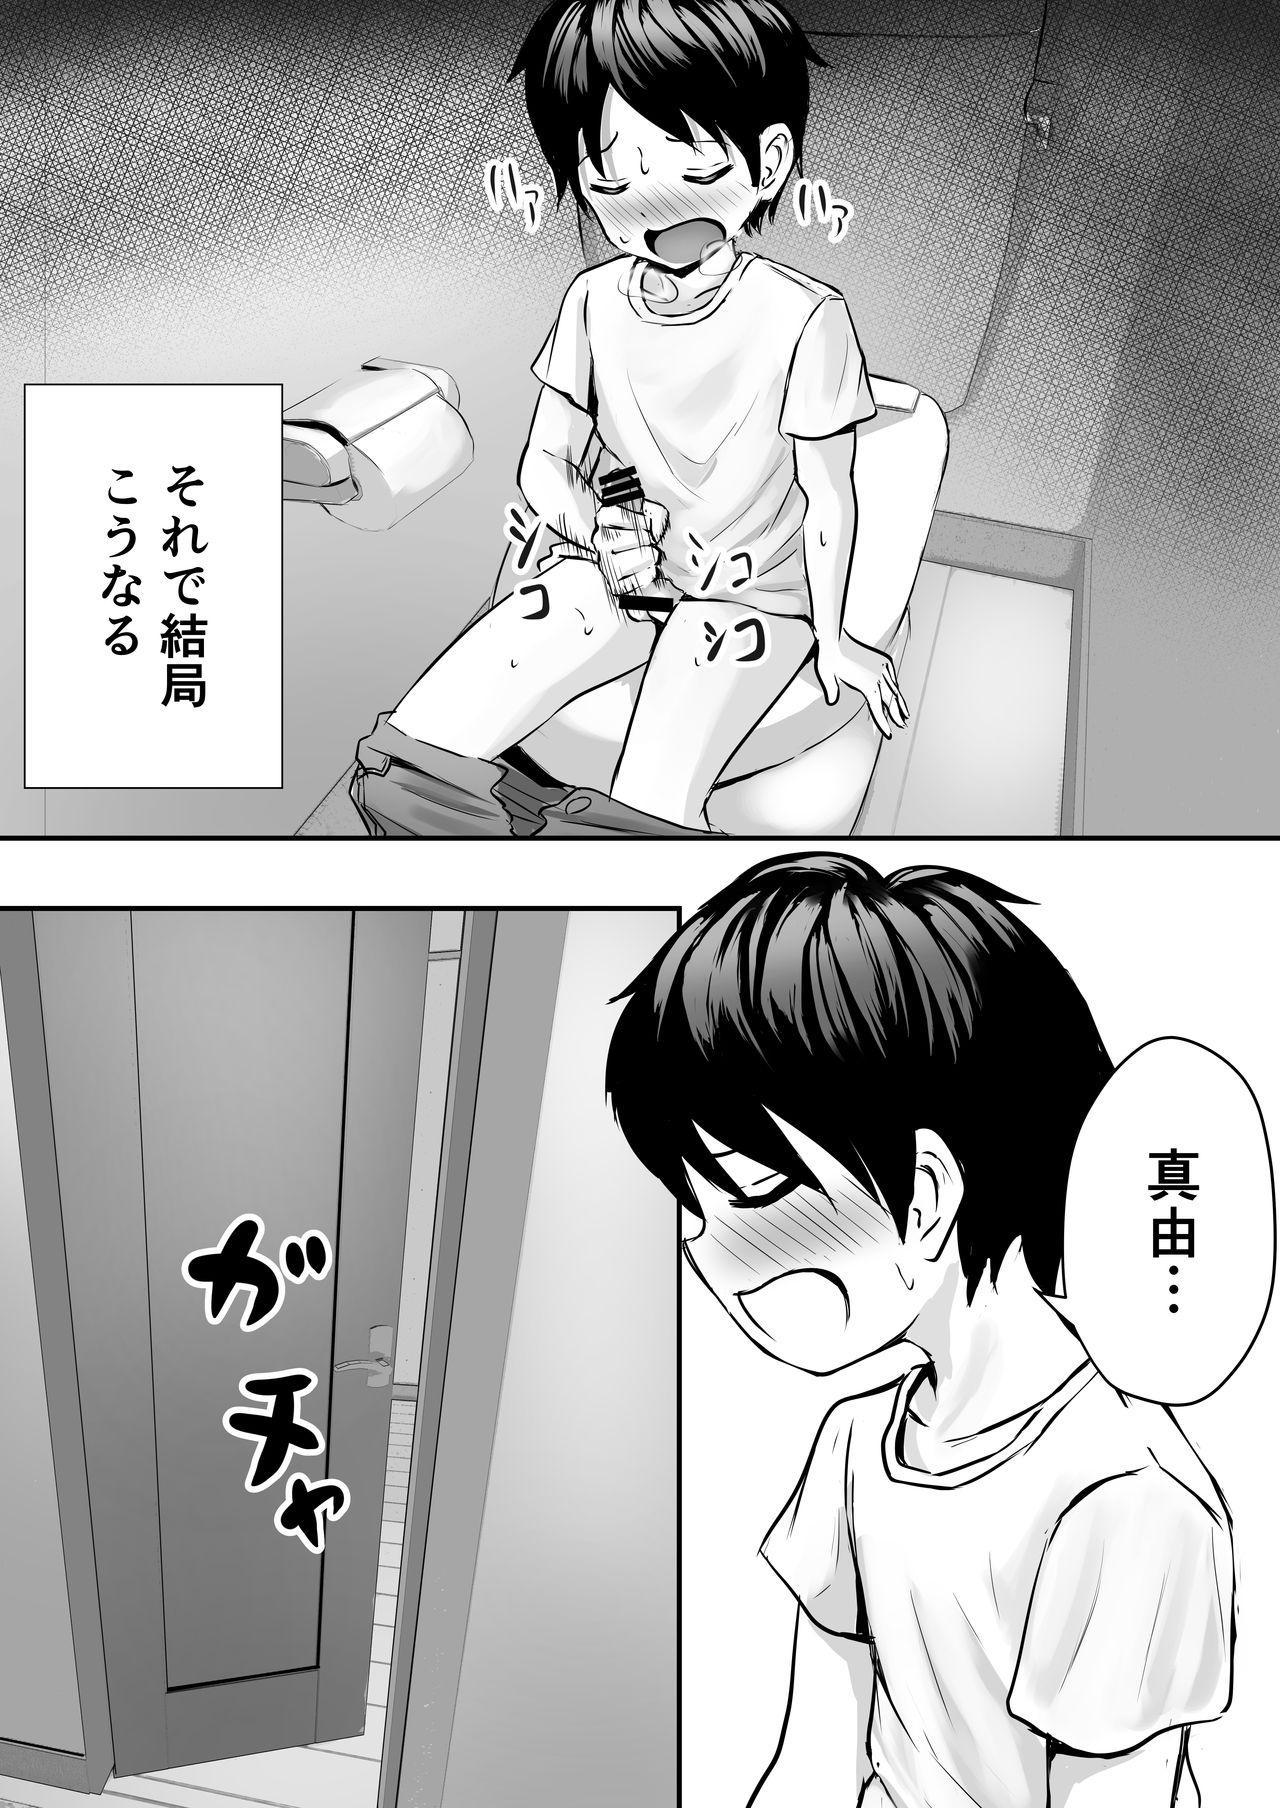 Ane no Shinyuu to Ikaseai 5